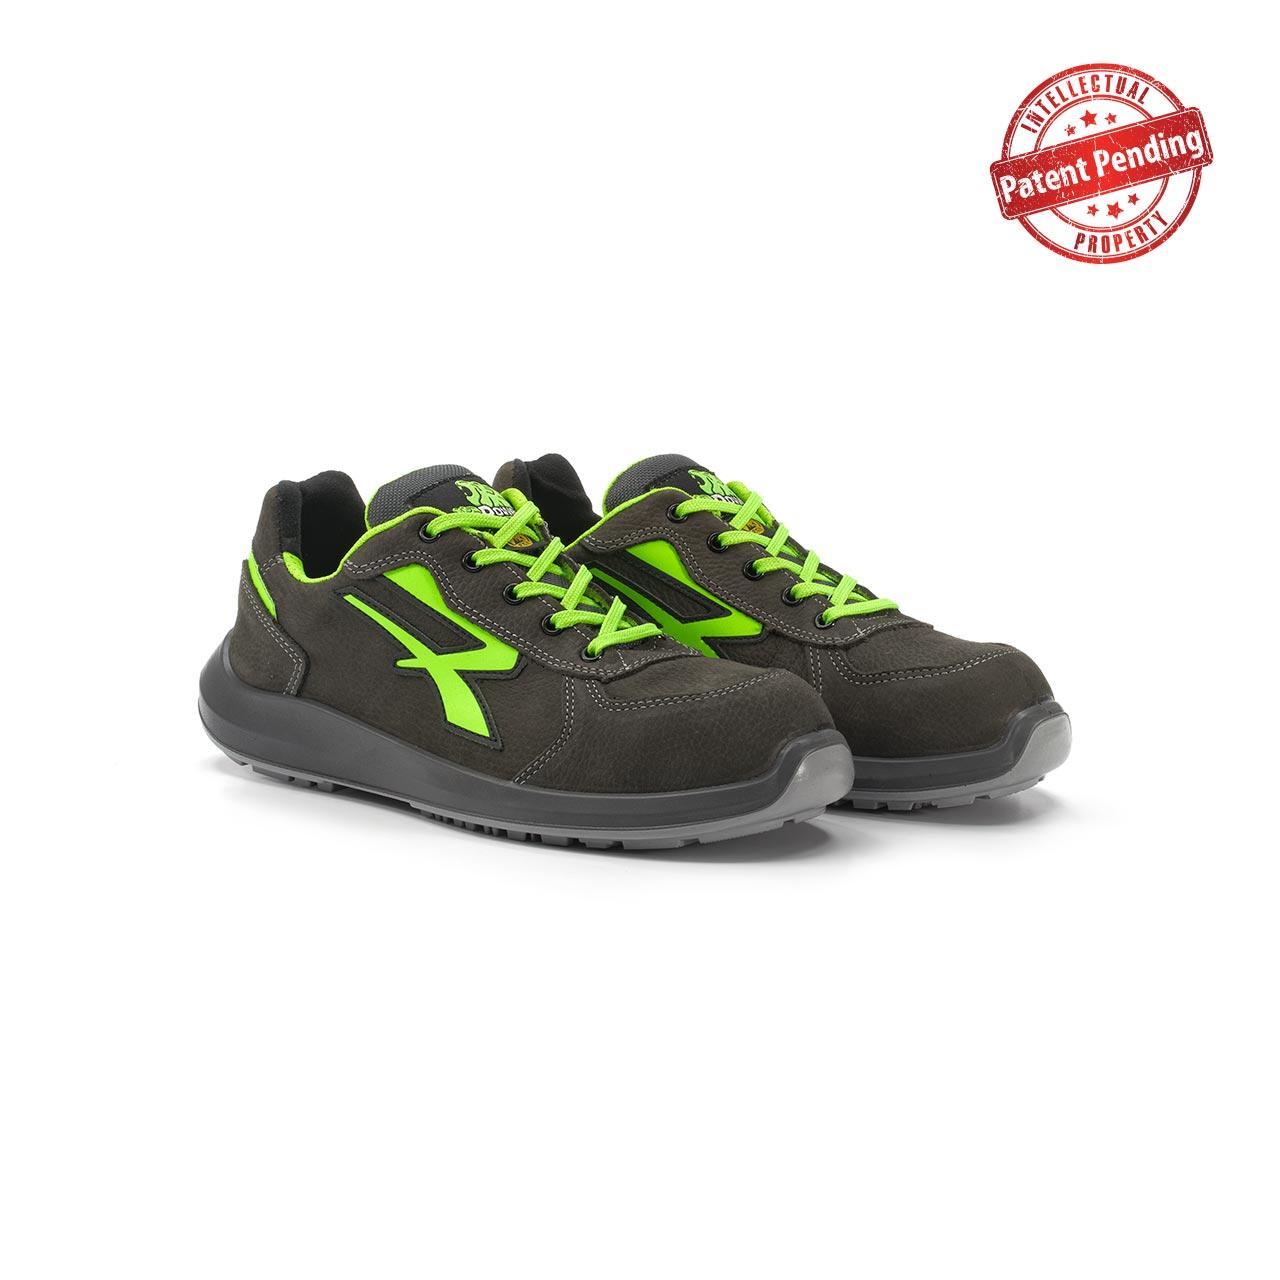 paio di scarpe antinfortunistiche upower modello hydra linea redup vista prospettica